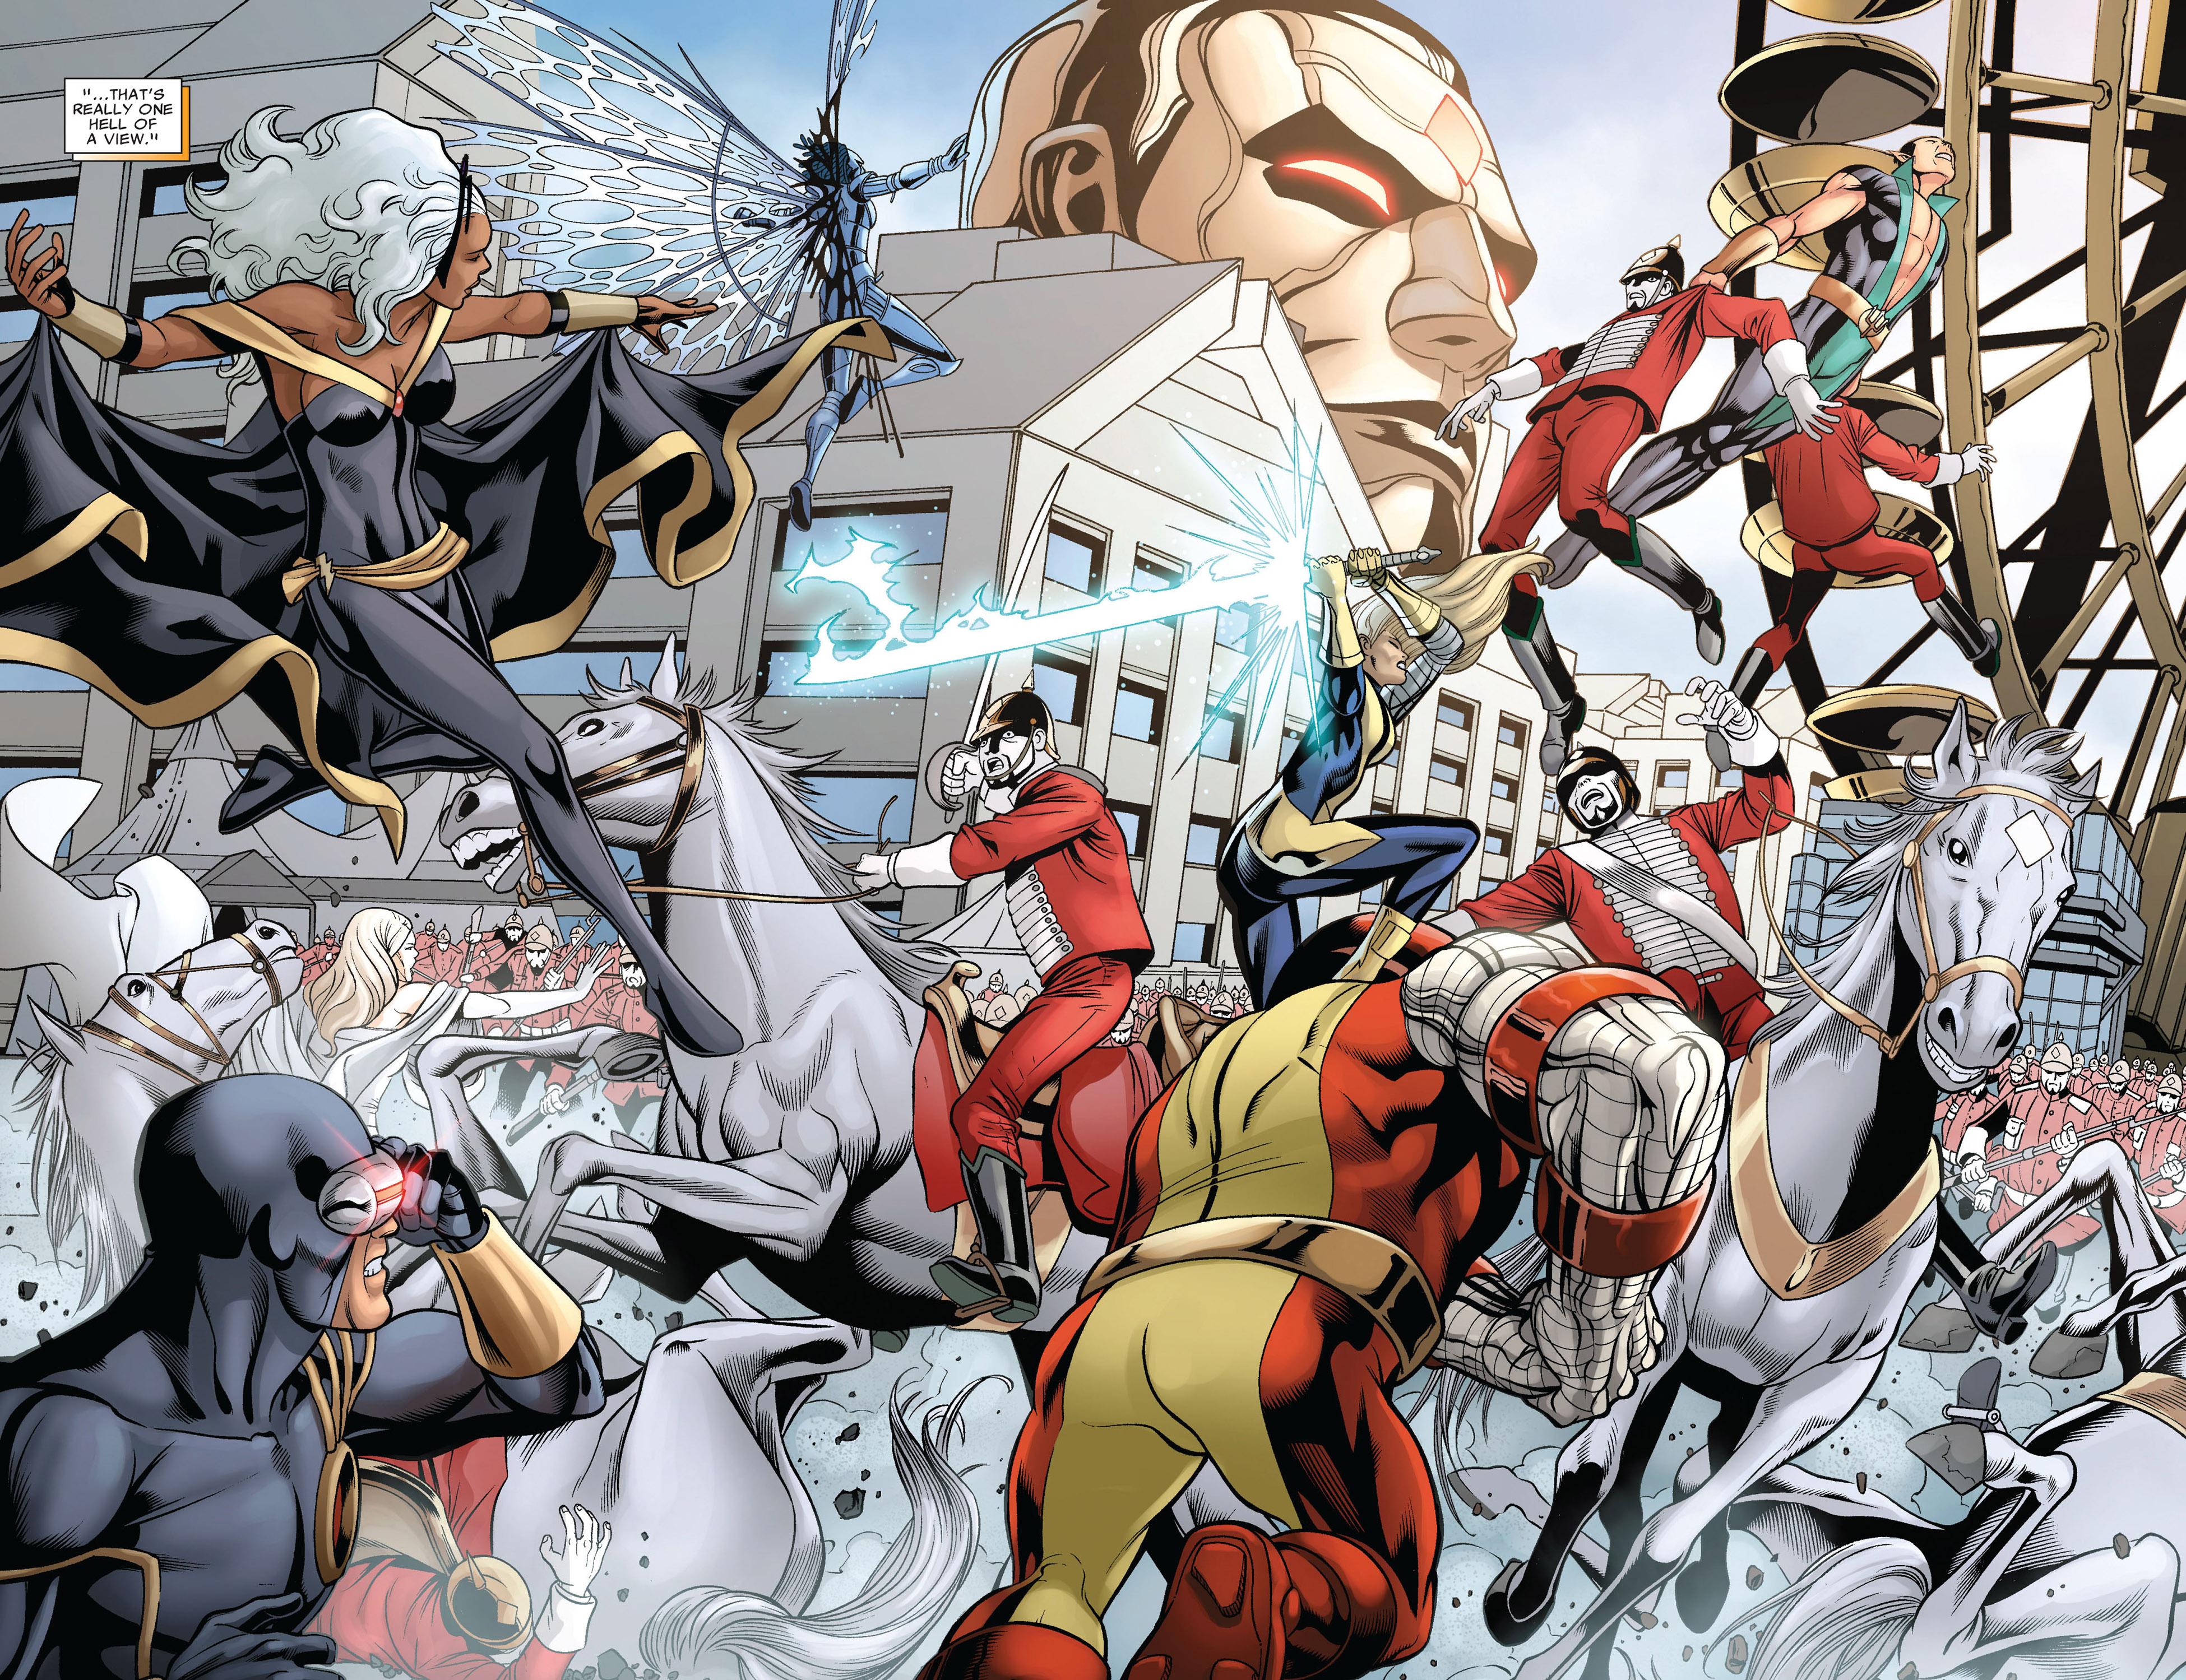 Read online Uncanny X-Men (2012) comic -  Issue #2 - 4